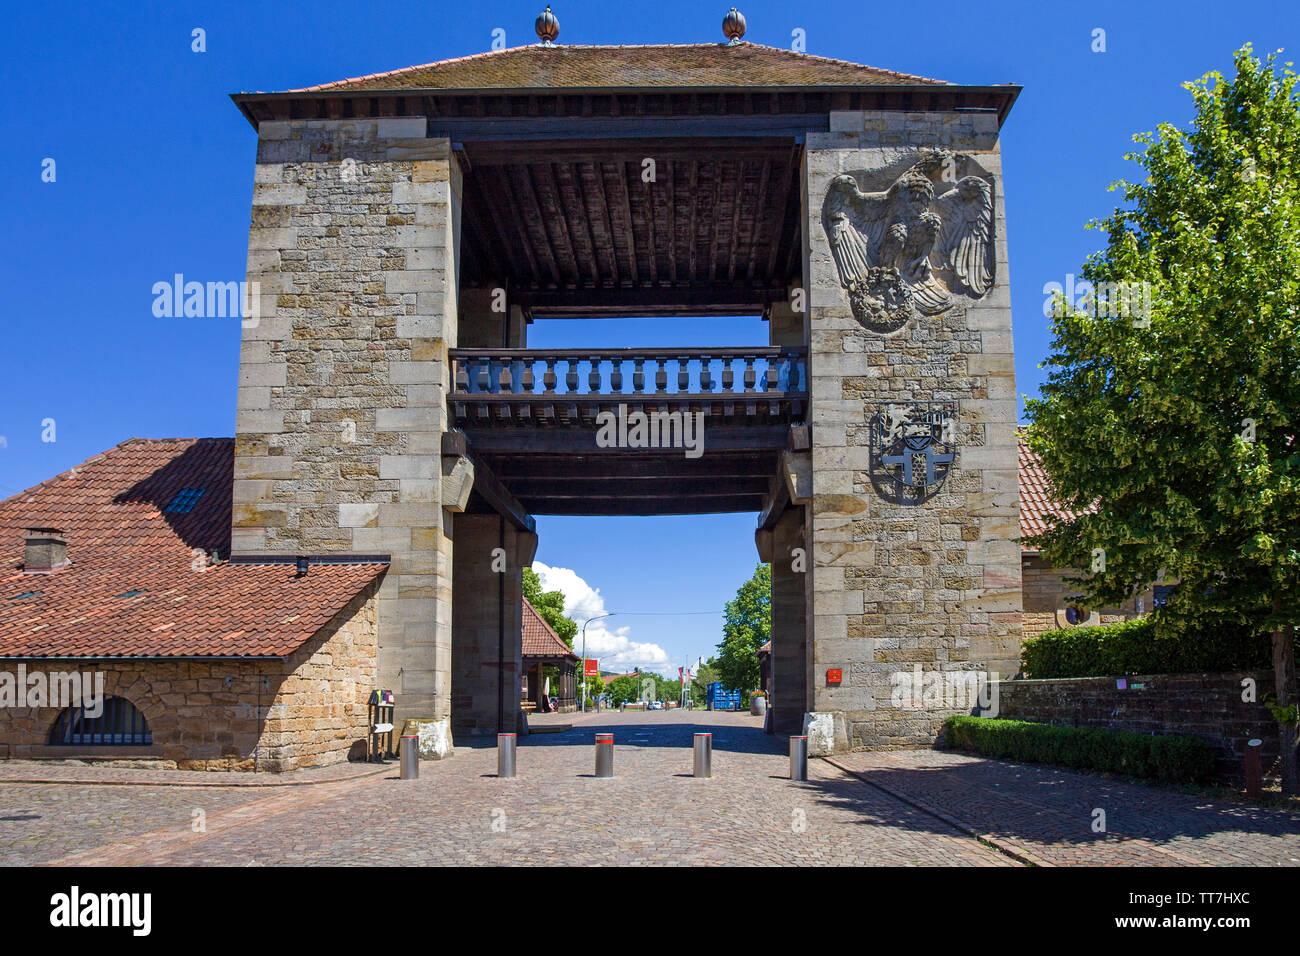 The German Wine Gate (german: Deutsches Weintor), marks the beginning of the German Wine Route, Schweigen-Rechtenbach, Rhineland-Palatinate, Germany - Stock Image